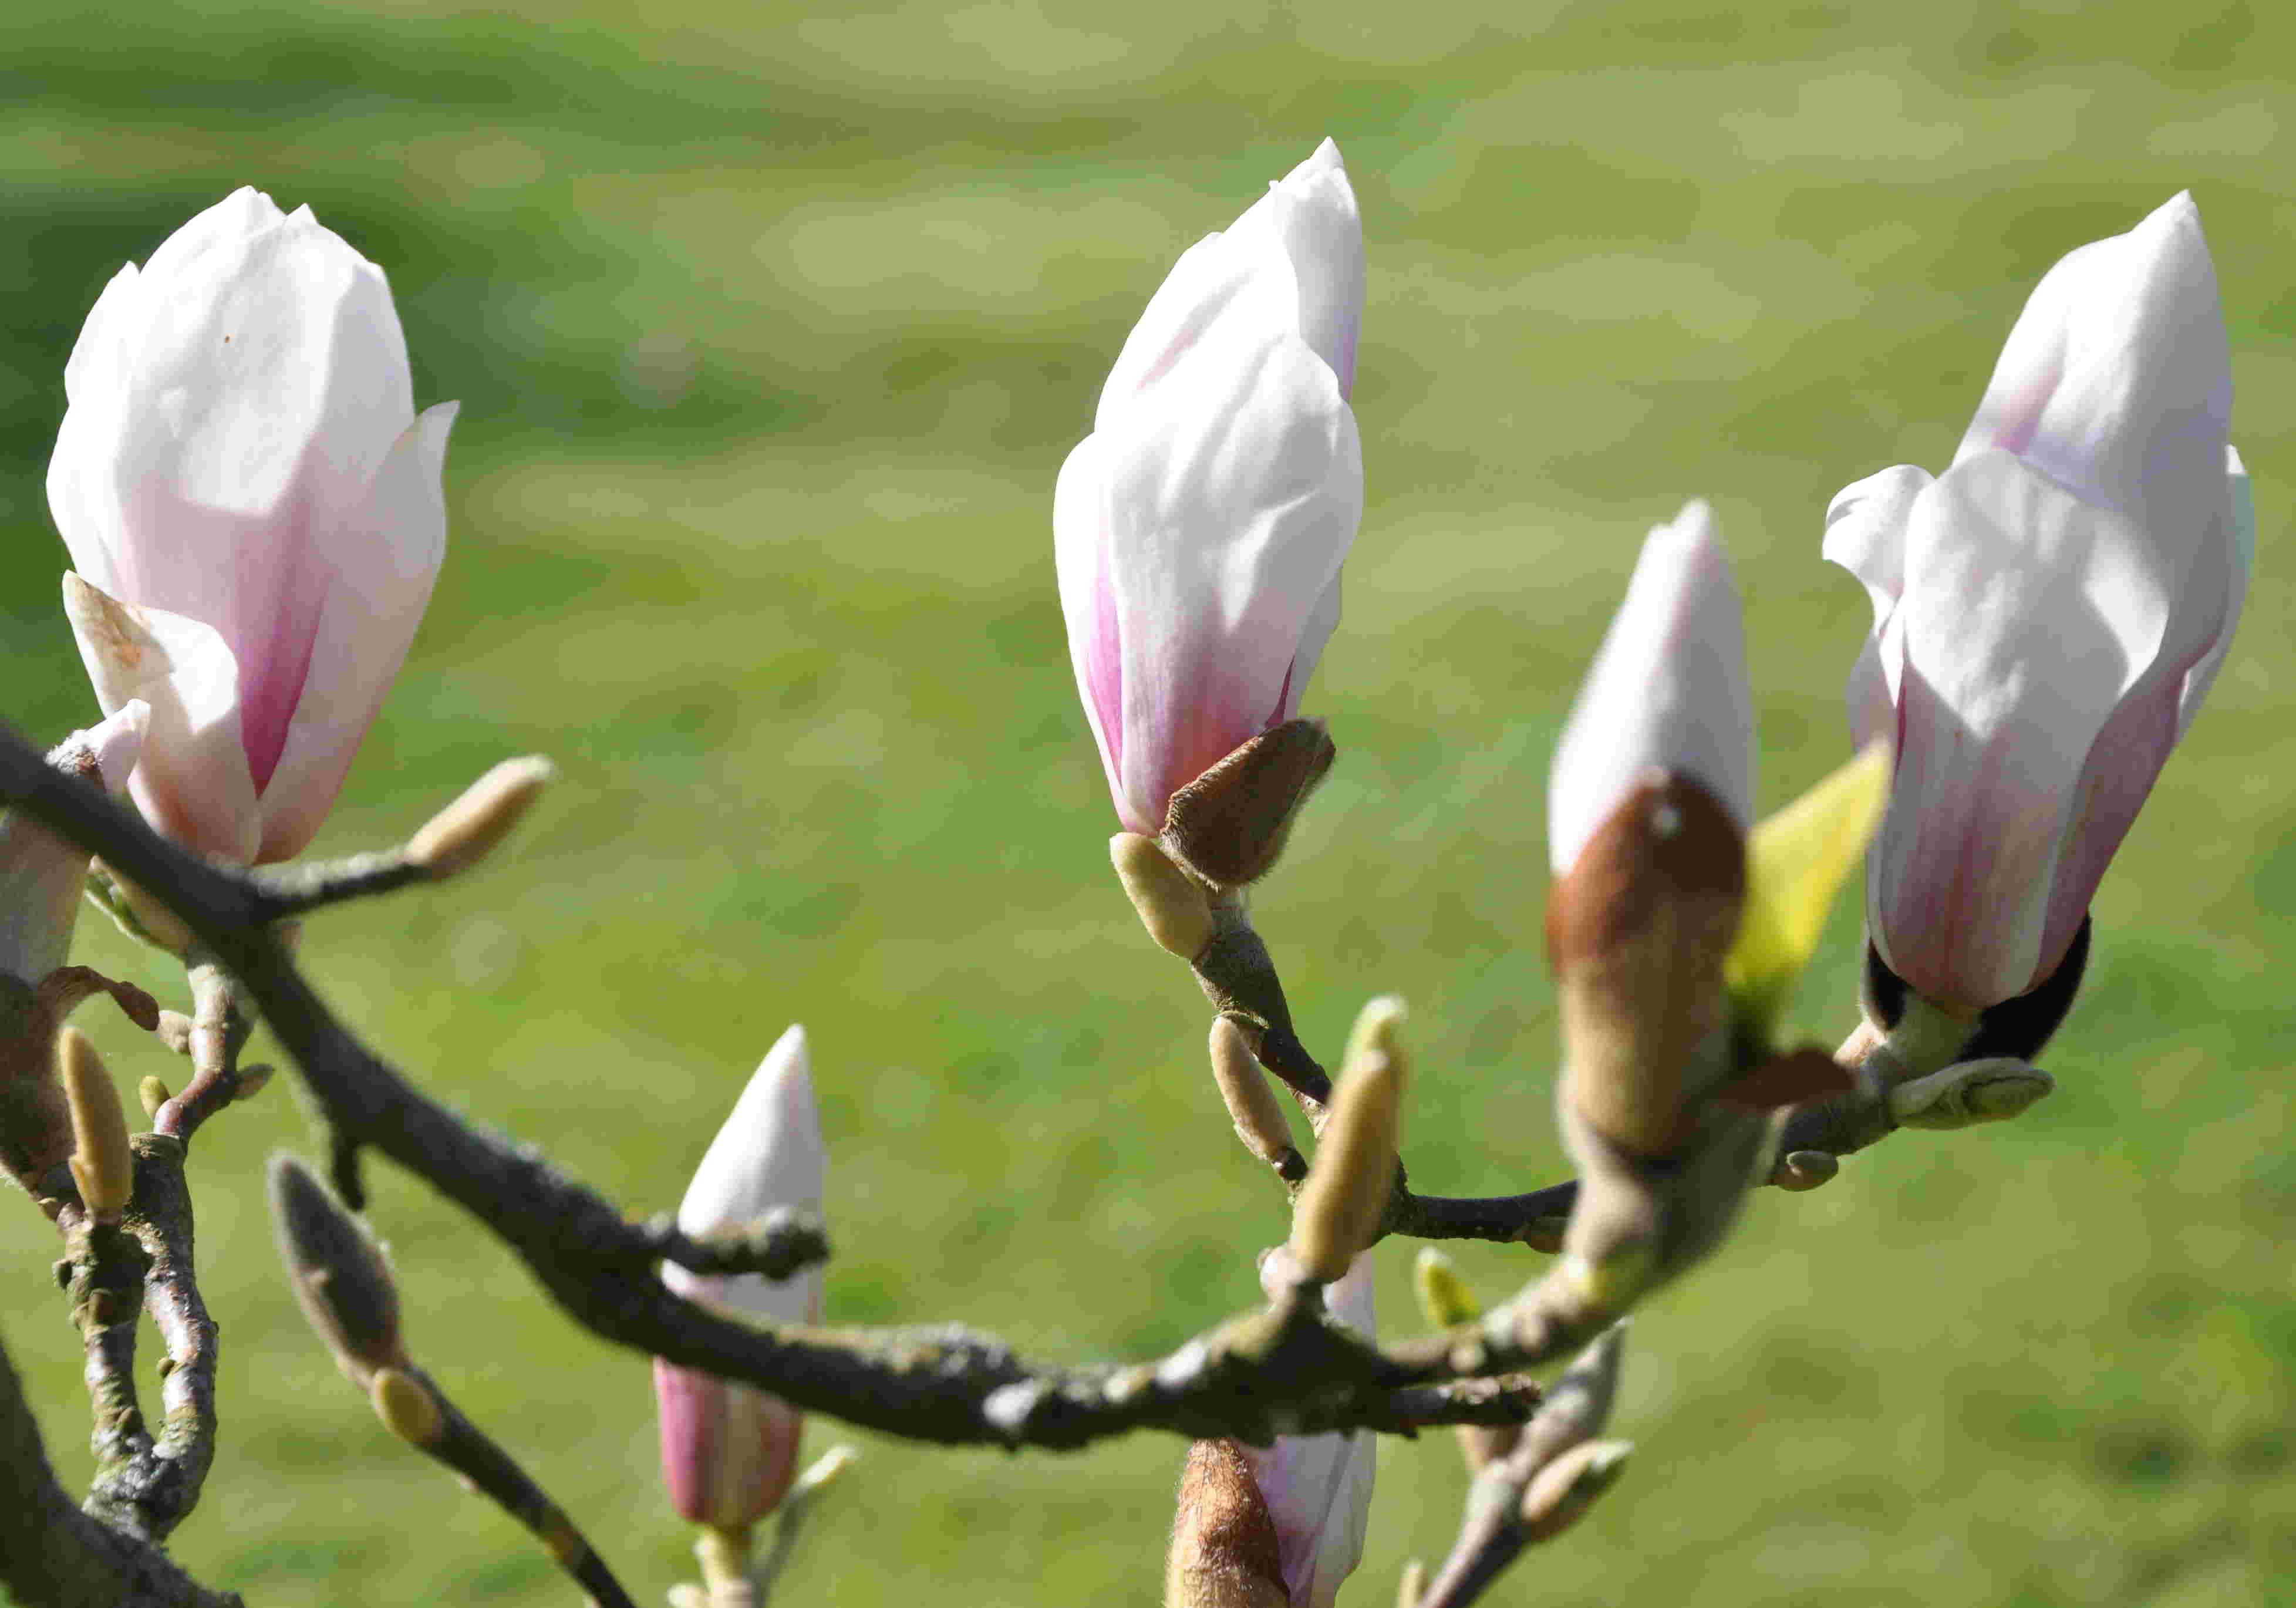 Mgnoliorna har stora knoppar och breda blommor som utslagna.